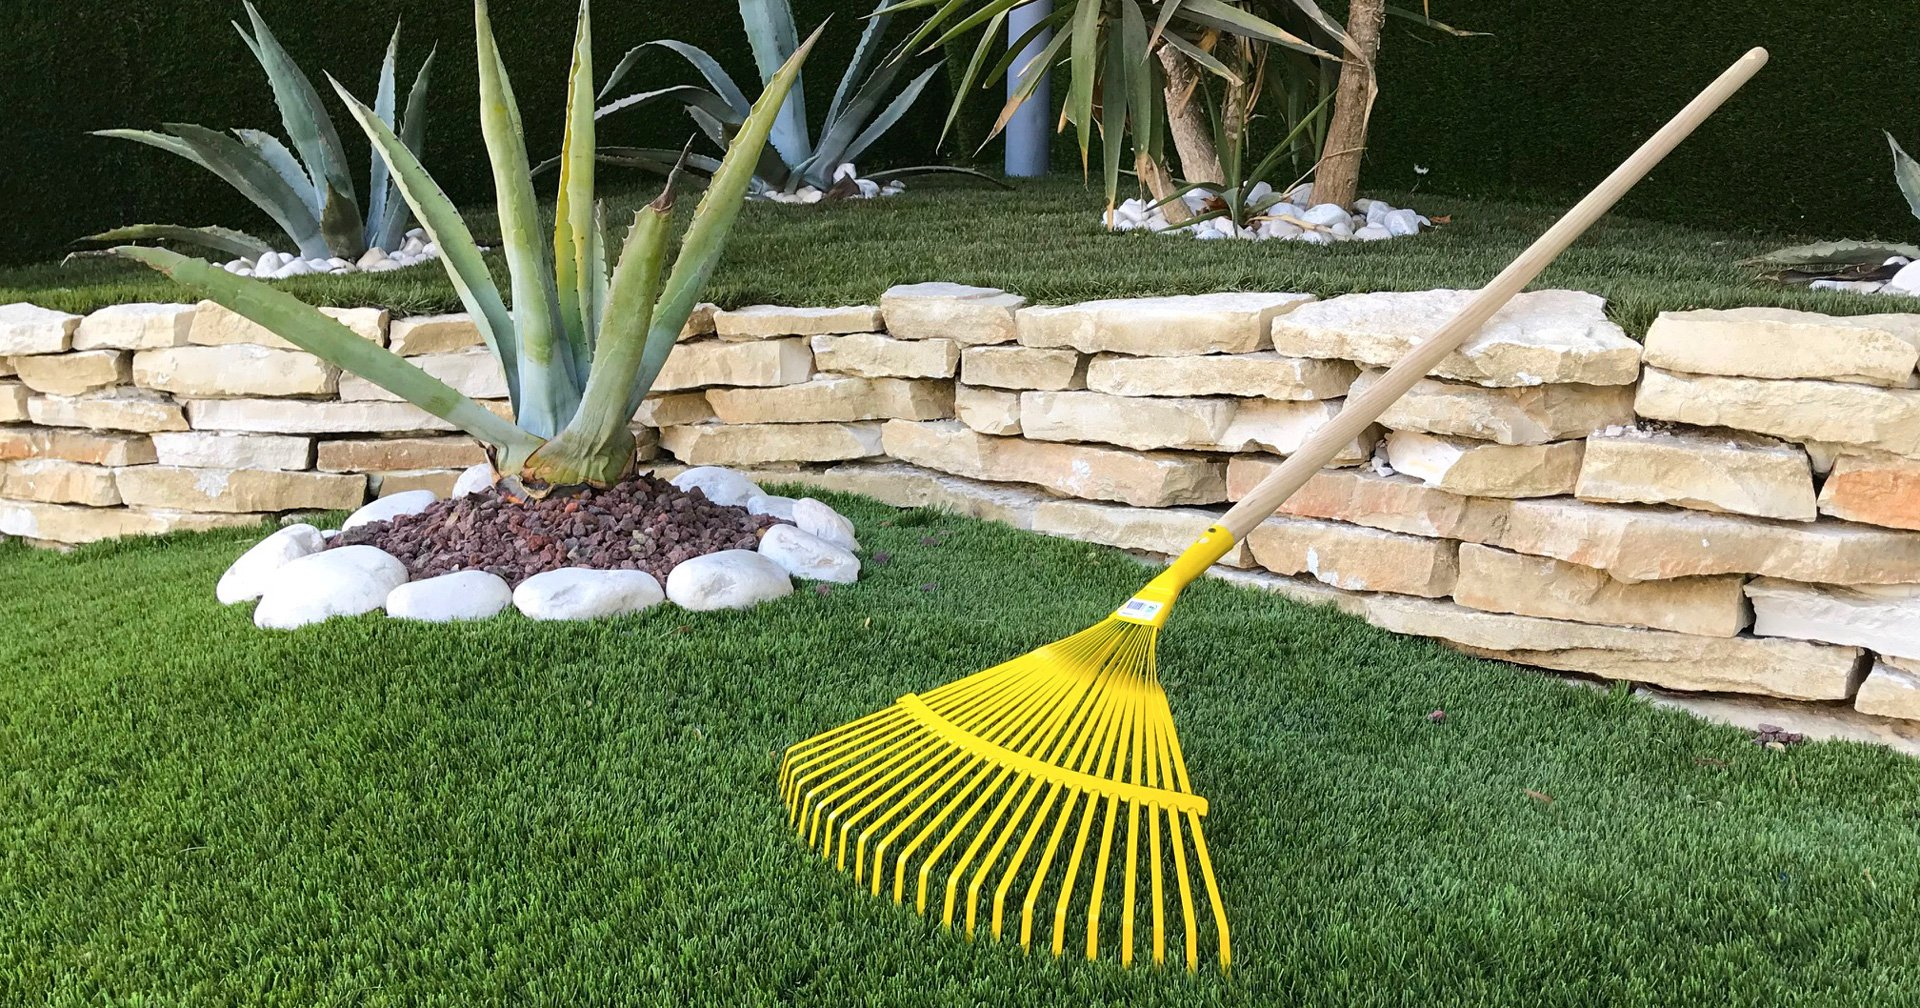 Erba giardino senza manutenzione - Idee giardino senza erba ...